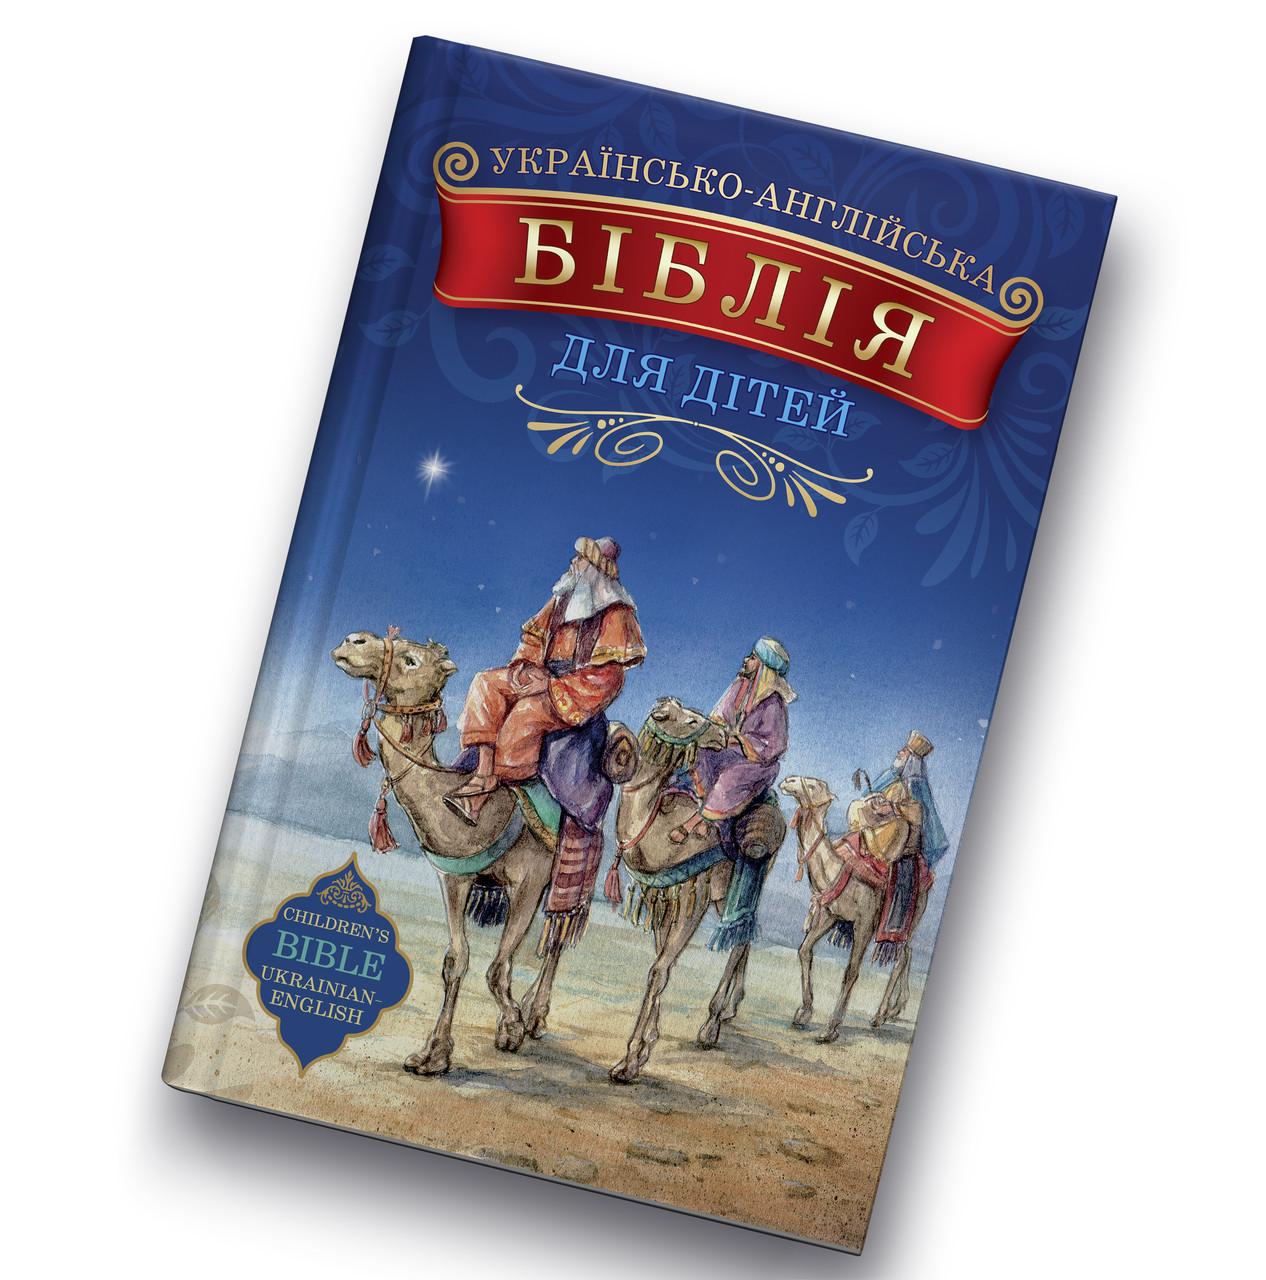 Українсько-англійська Біблія для дітей